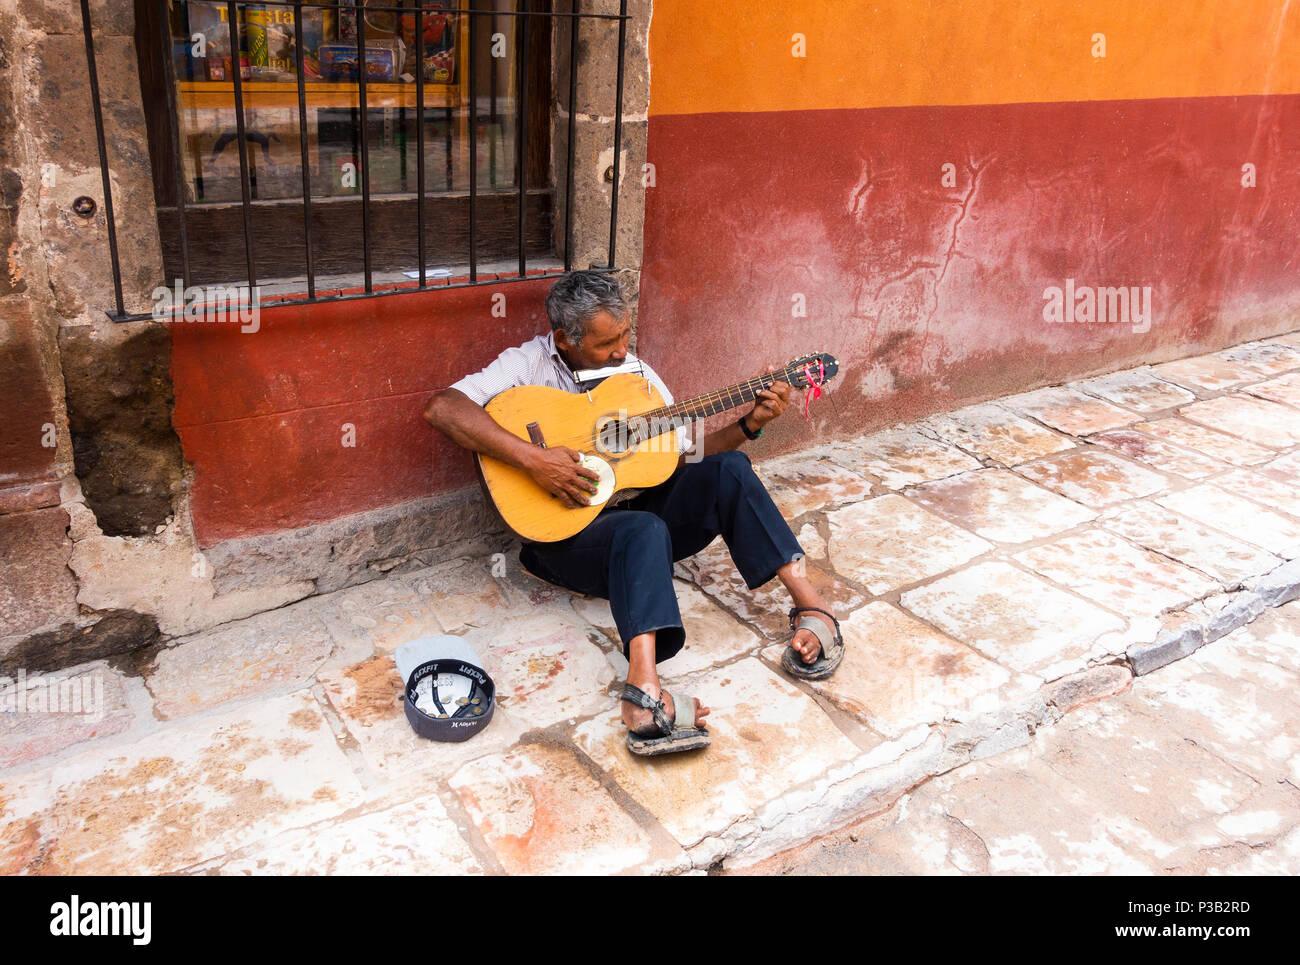 a-crippled-homeless-busker-playing-guita